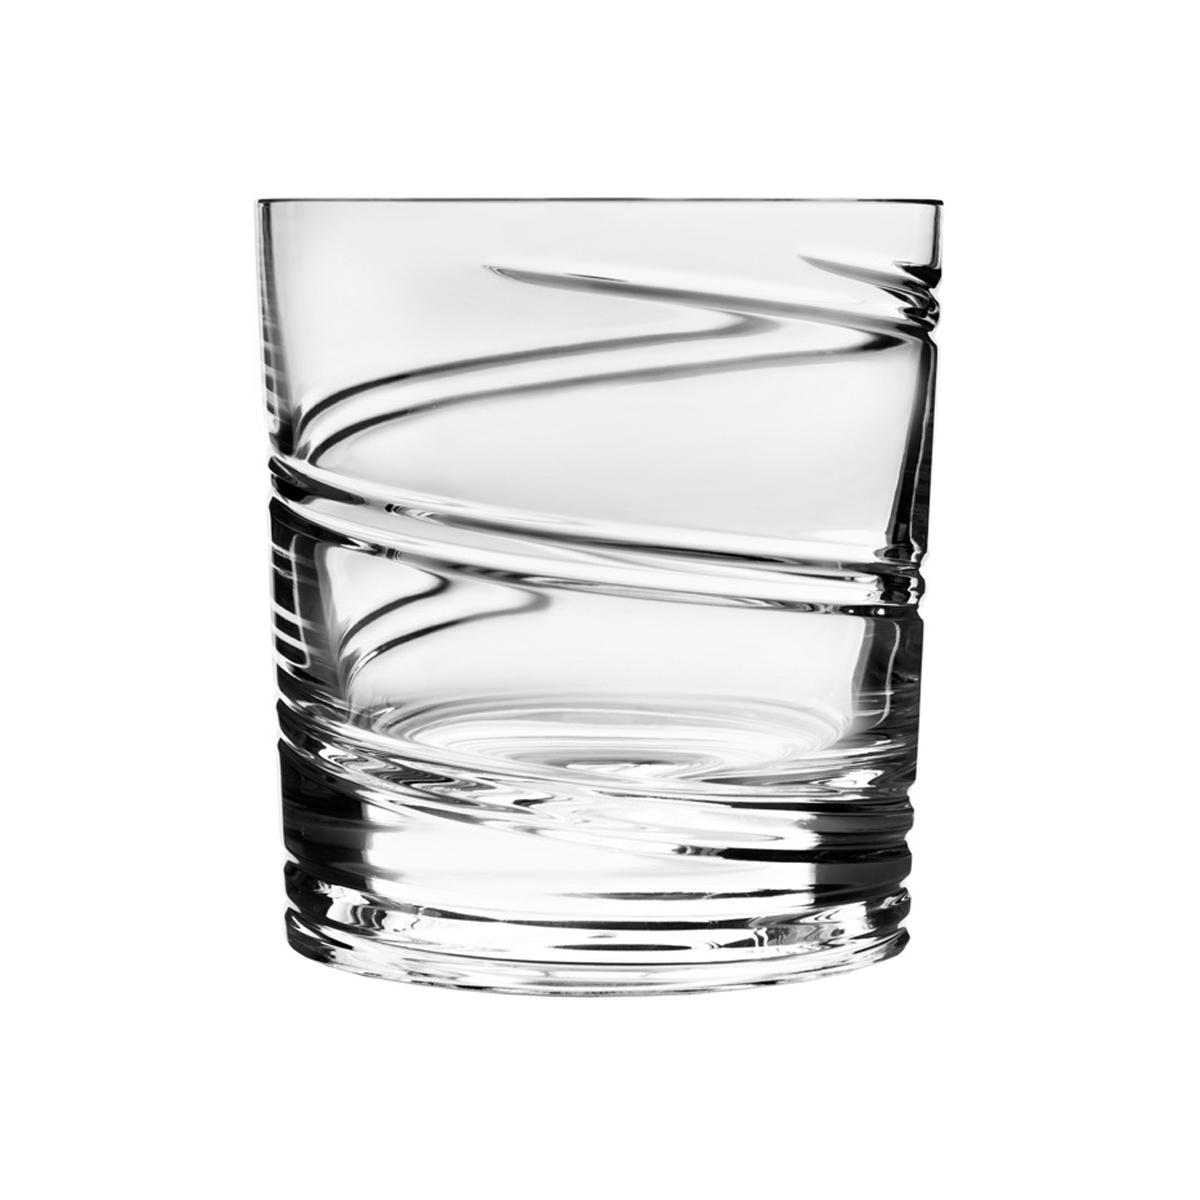 踊るグラス|クリスタルグラス | お酒を飲み頃に誘う。ドイツ生まれの回転するクリスタル製グラス | SHTOX